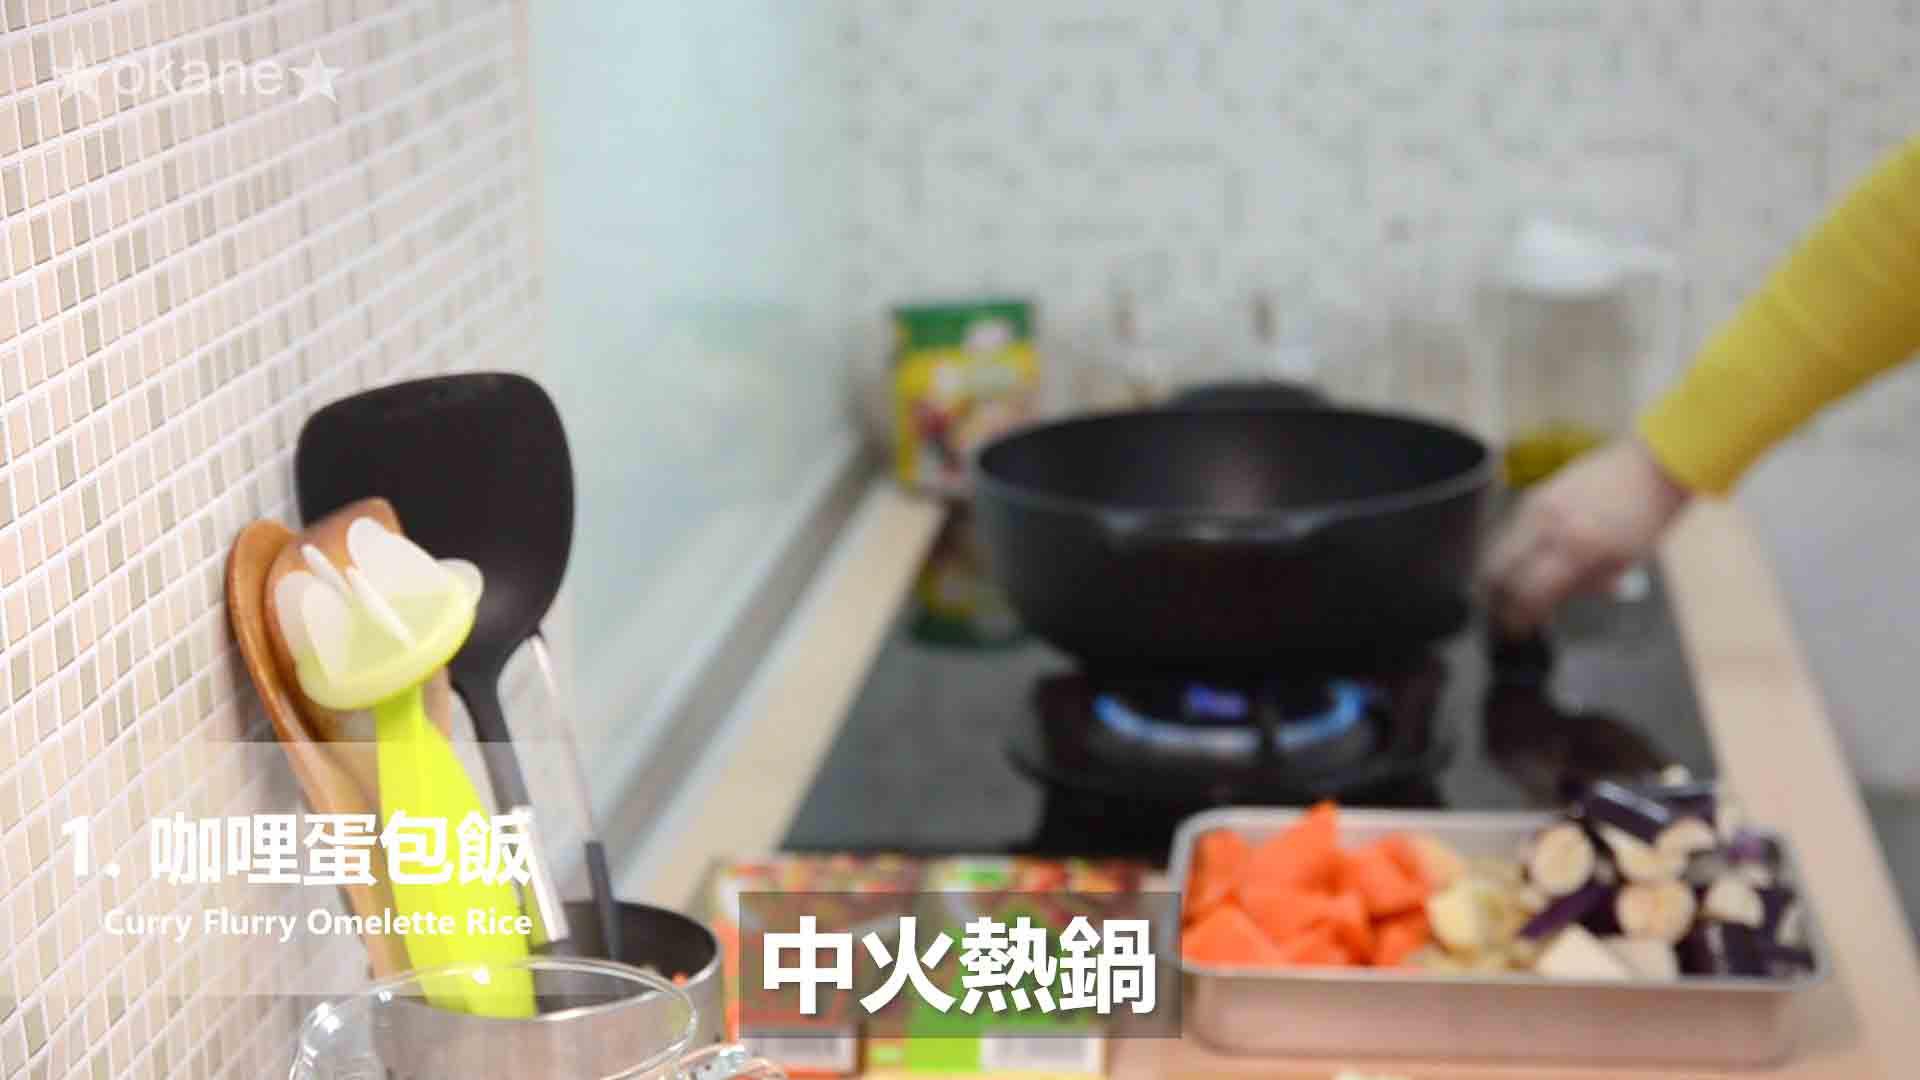 日系S&B金牌(純素)咖哩✨跨界蔬食的美味驚艷的第 9 張圖片